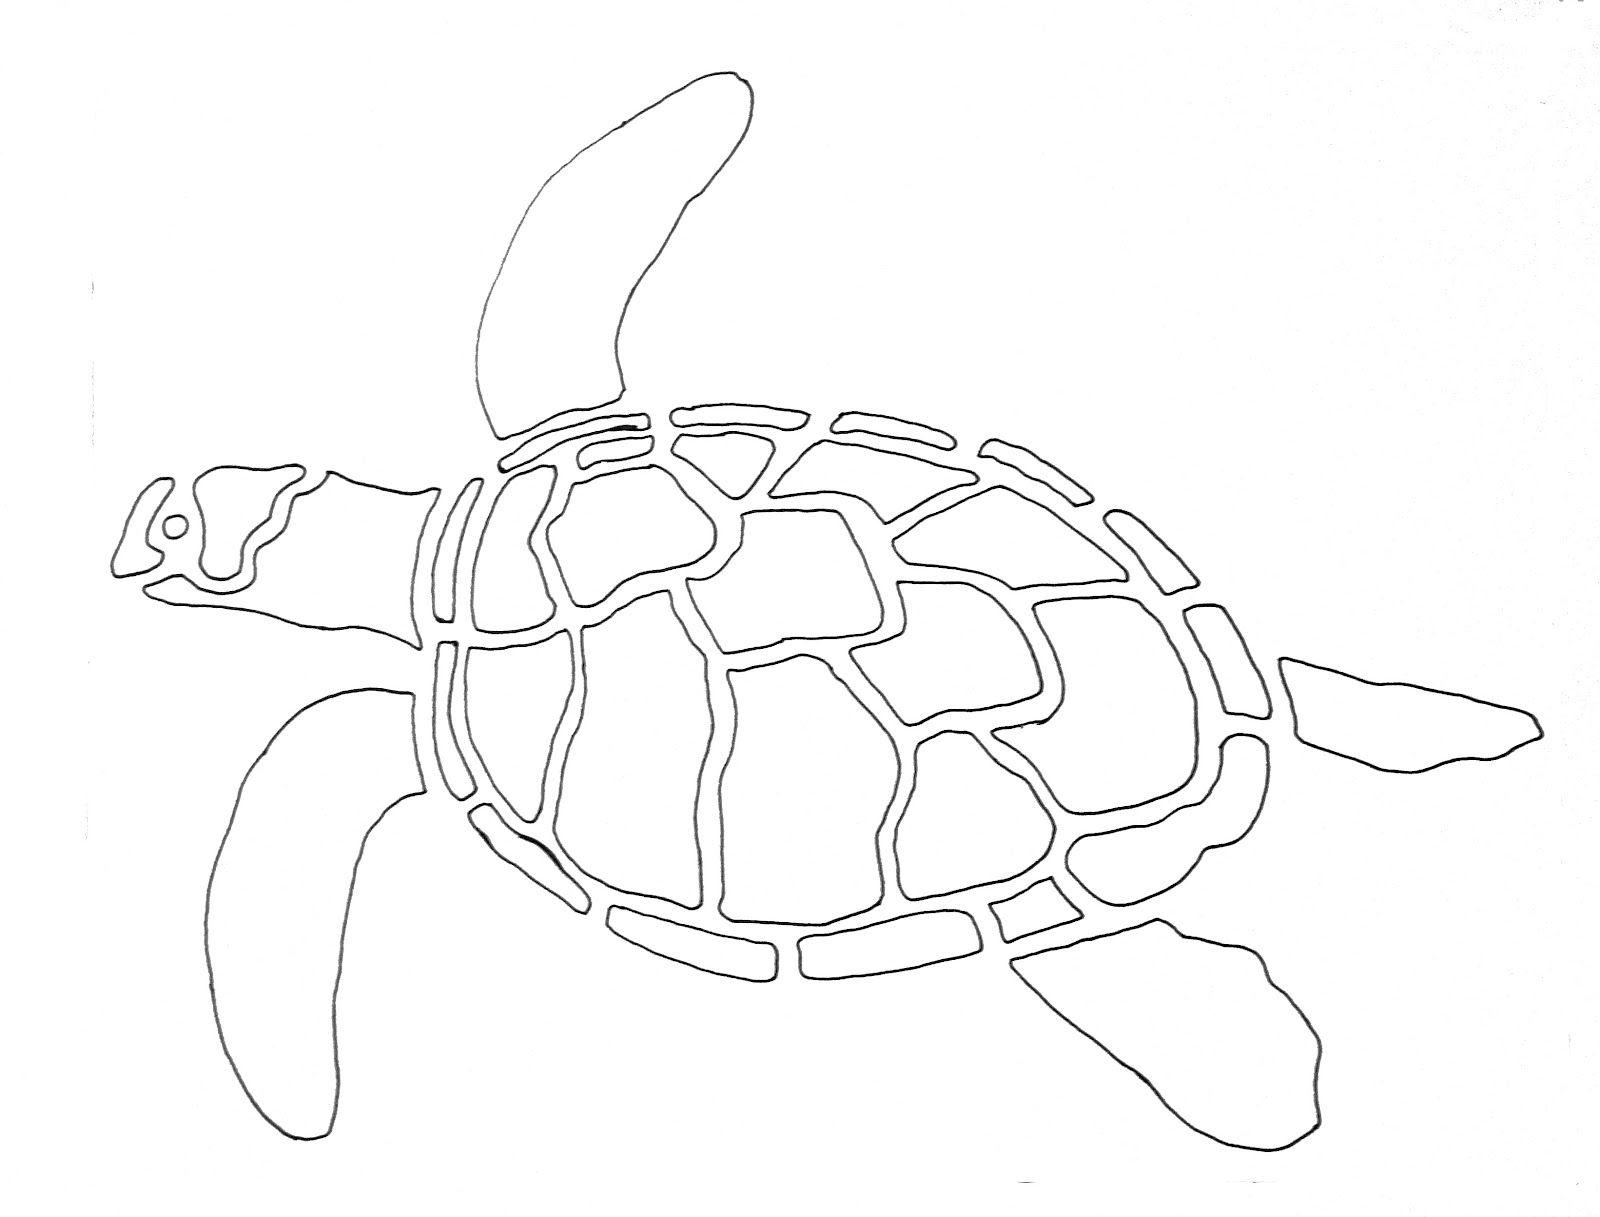 Картинки нарисованные карандашом черепахи